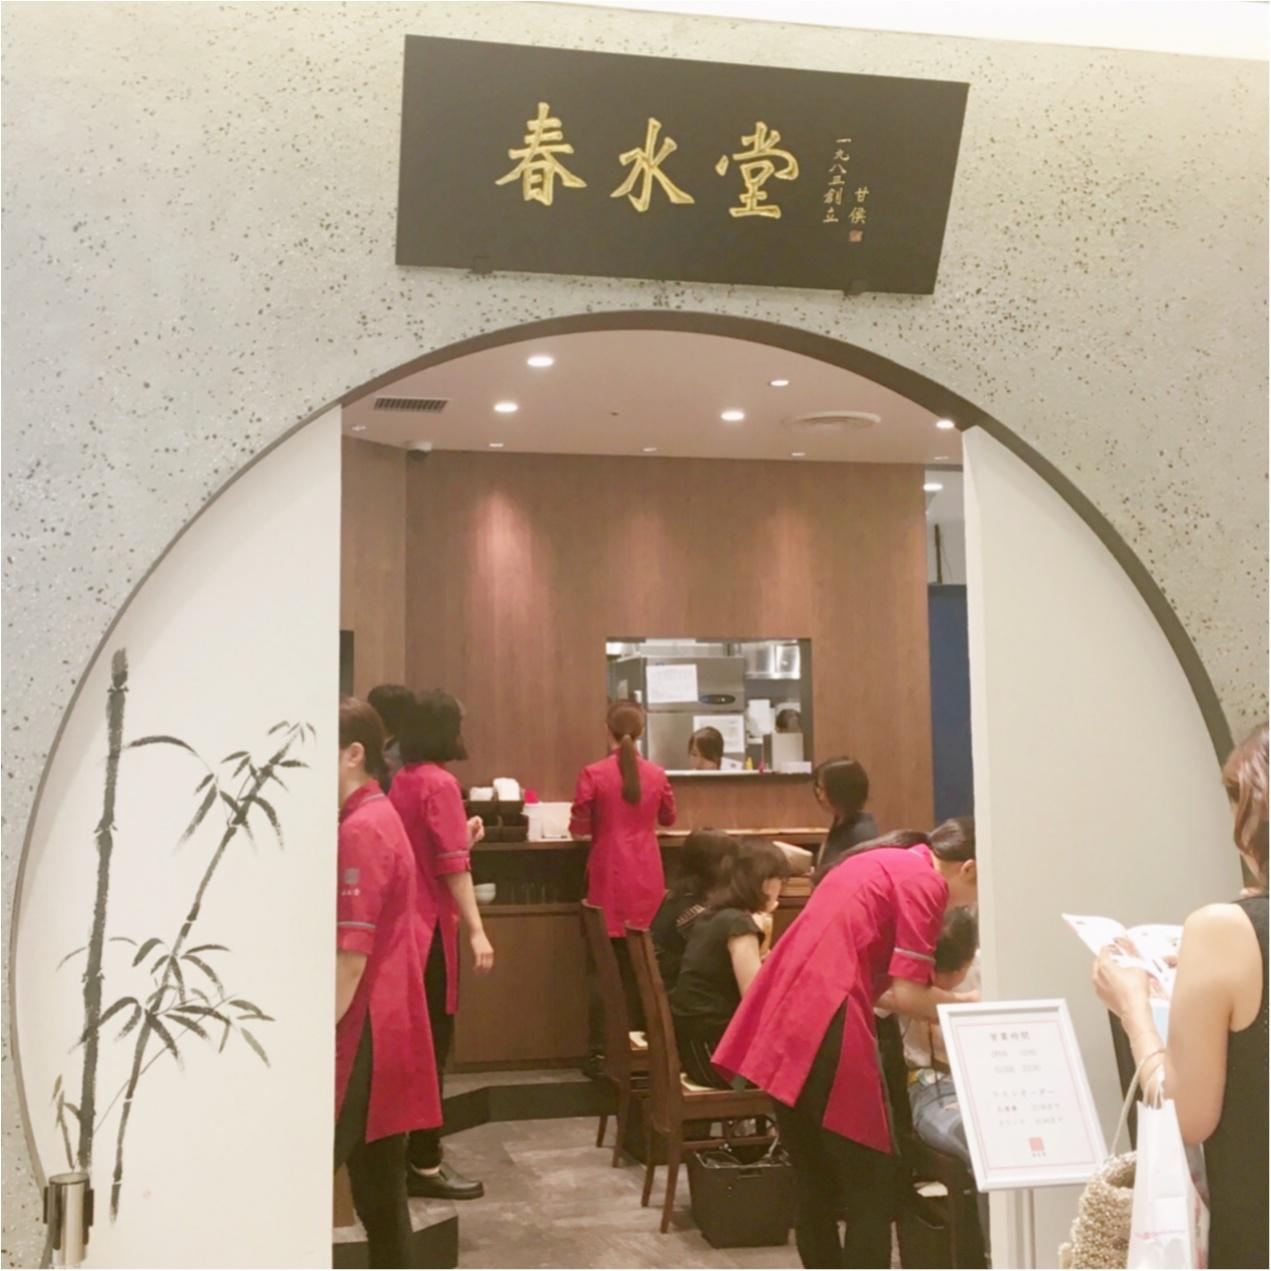 台湾で人気のカフェ「春水堂」のタピオカドリンクが美味しすぎる♡♡_1